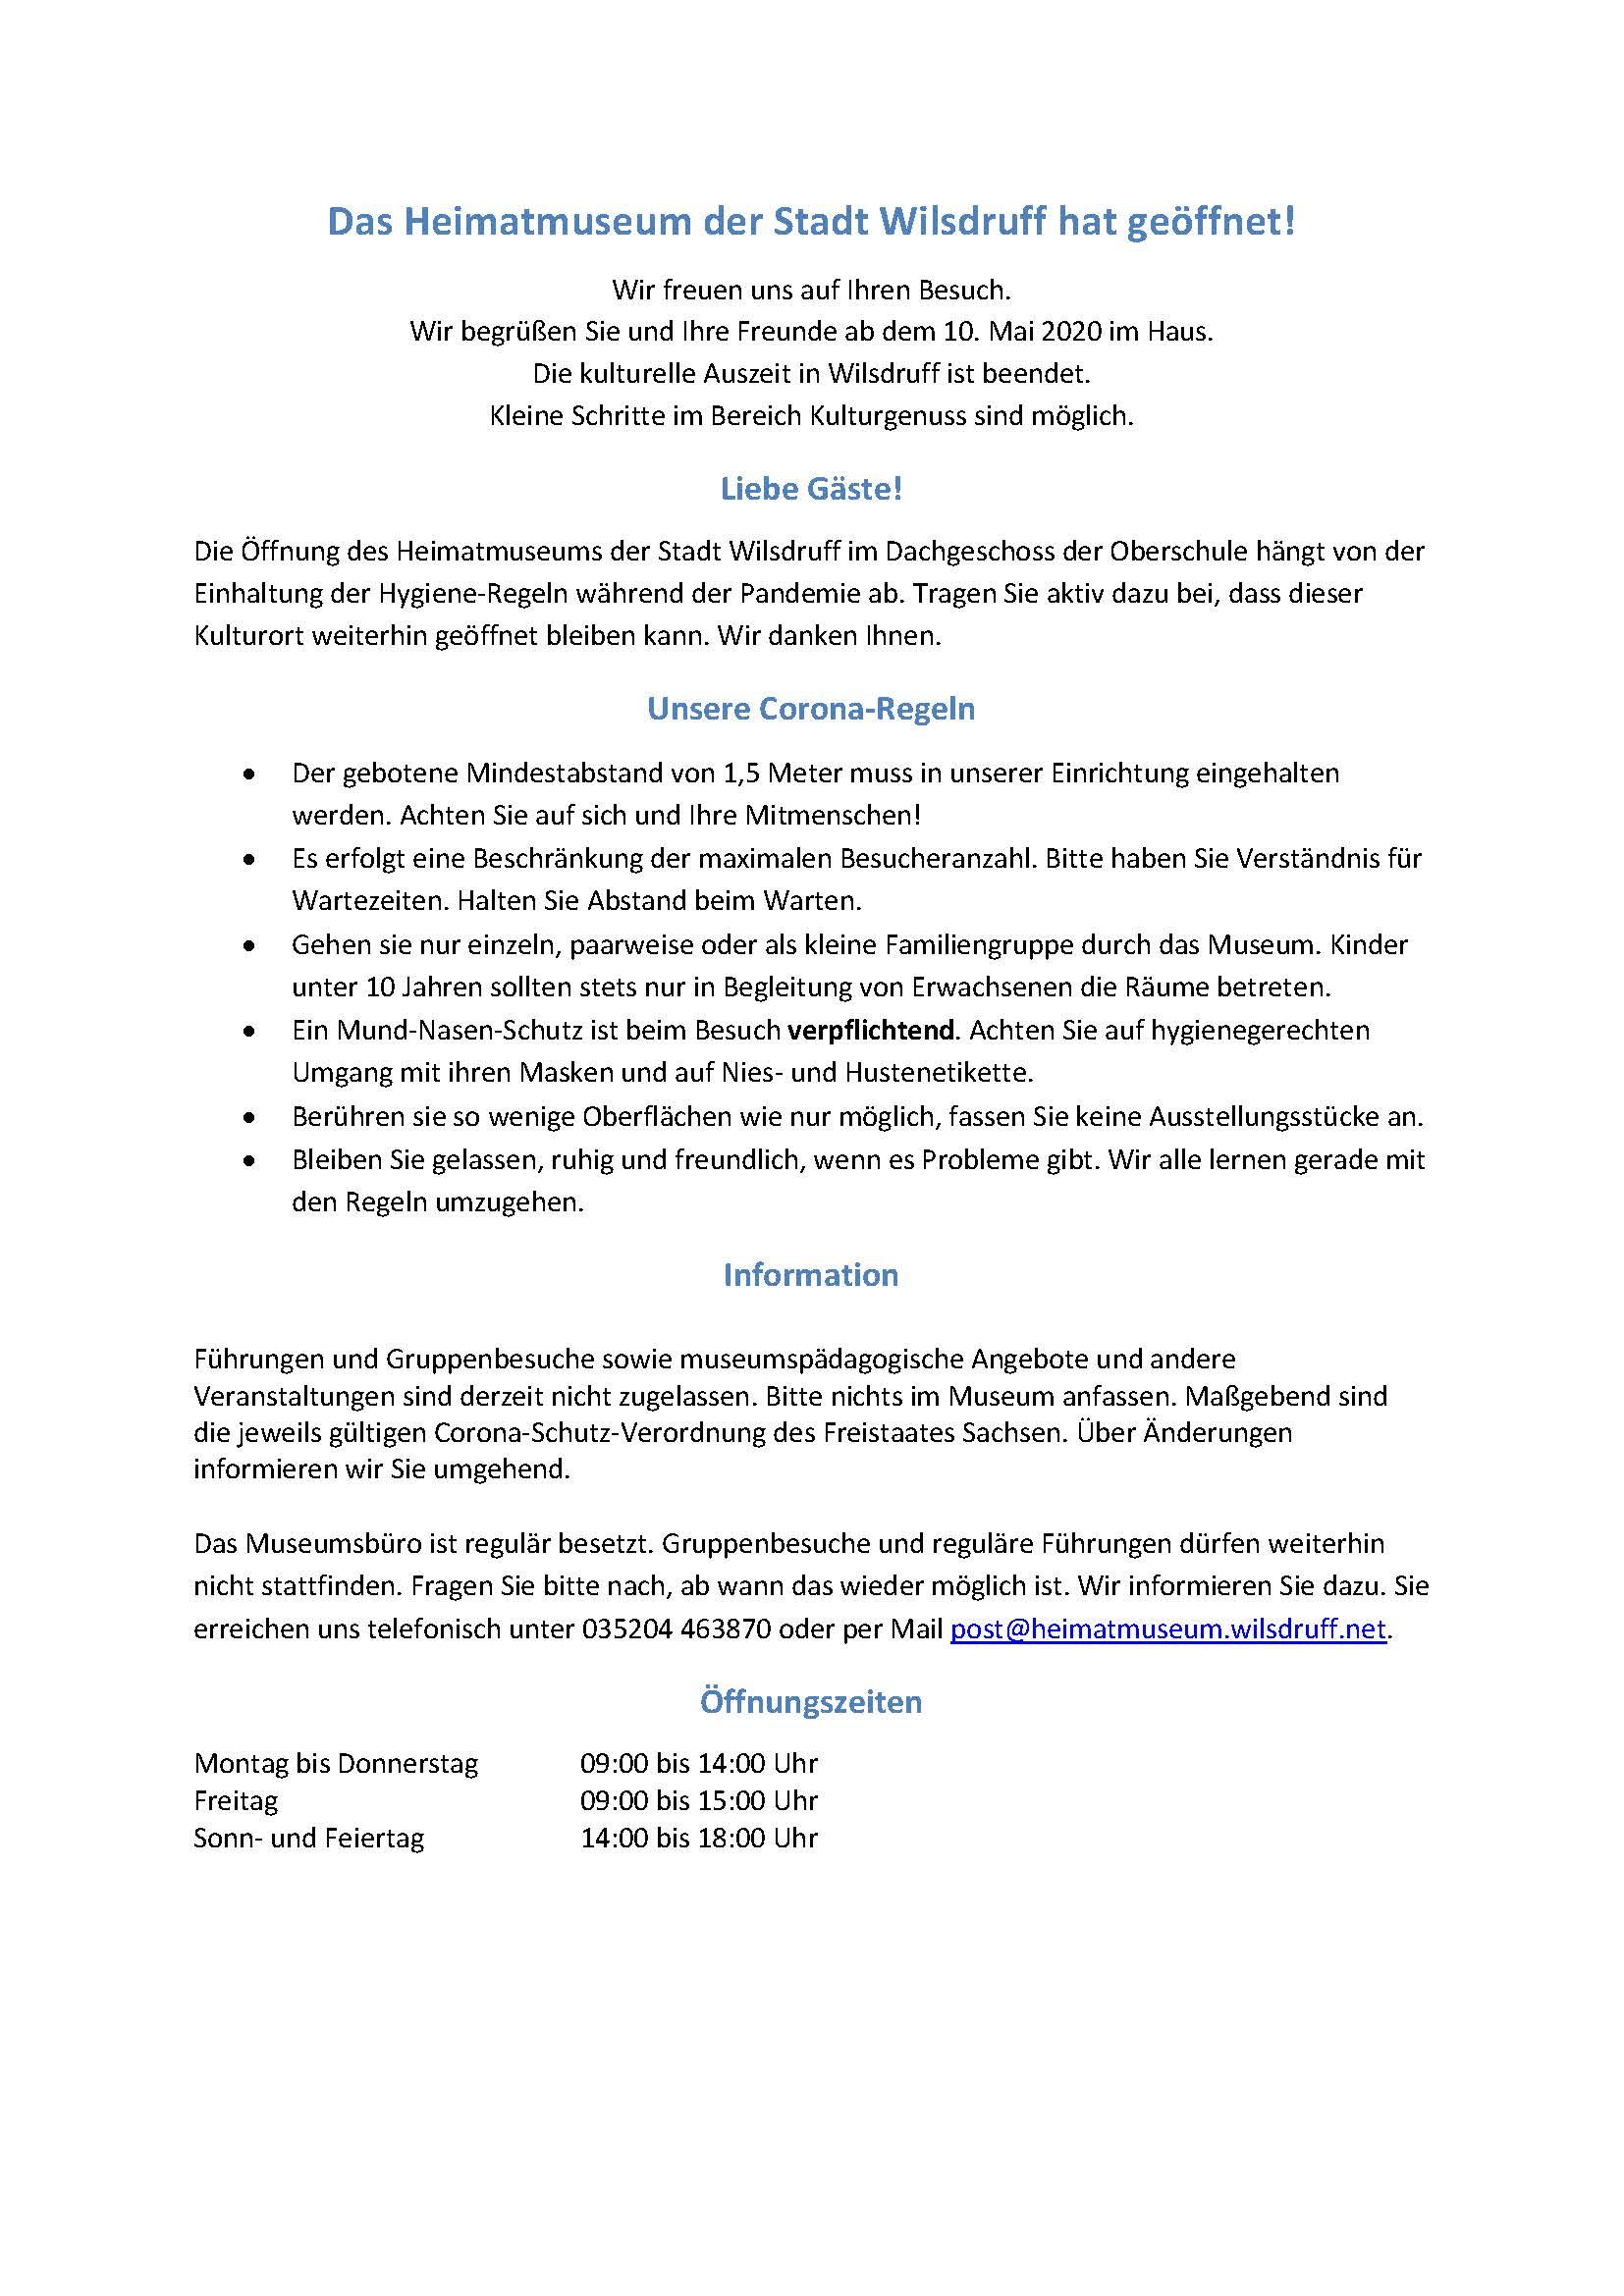 HM Öffnungszeiten_10.05.2020.jpg